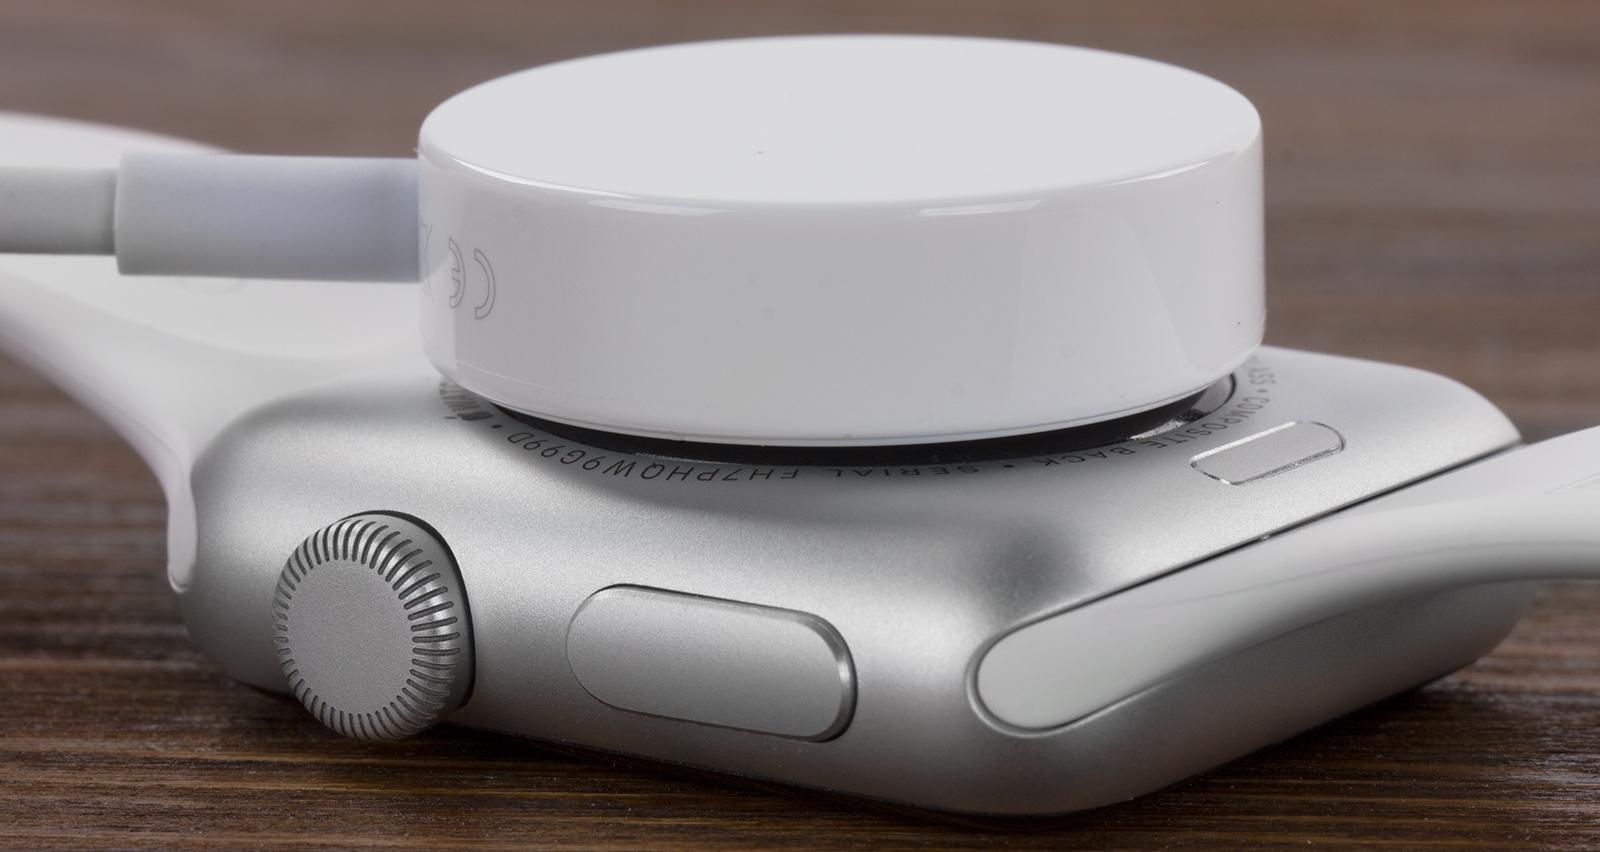 Магнитный кабель Apple Watch Magnetic Charging Cable 2m (MJVX2ZM/A) для зарядки Apple Watch (White)